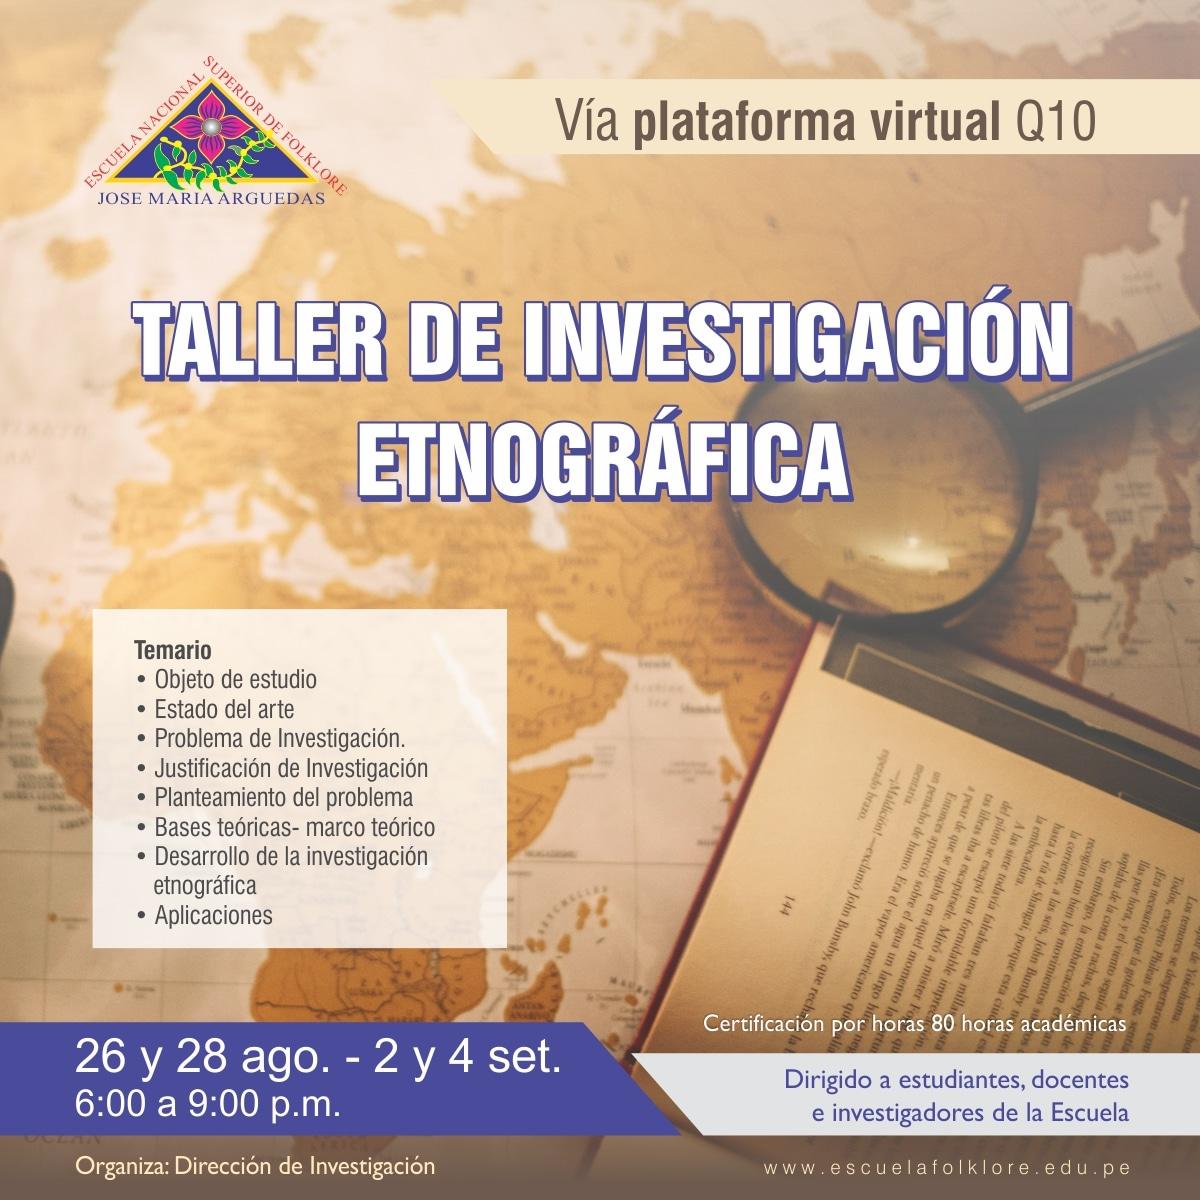 TALLER DE INVESTIGACIÓN ETNOGRÁFICA